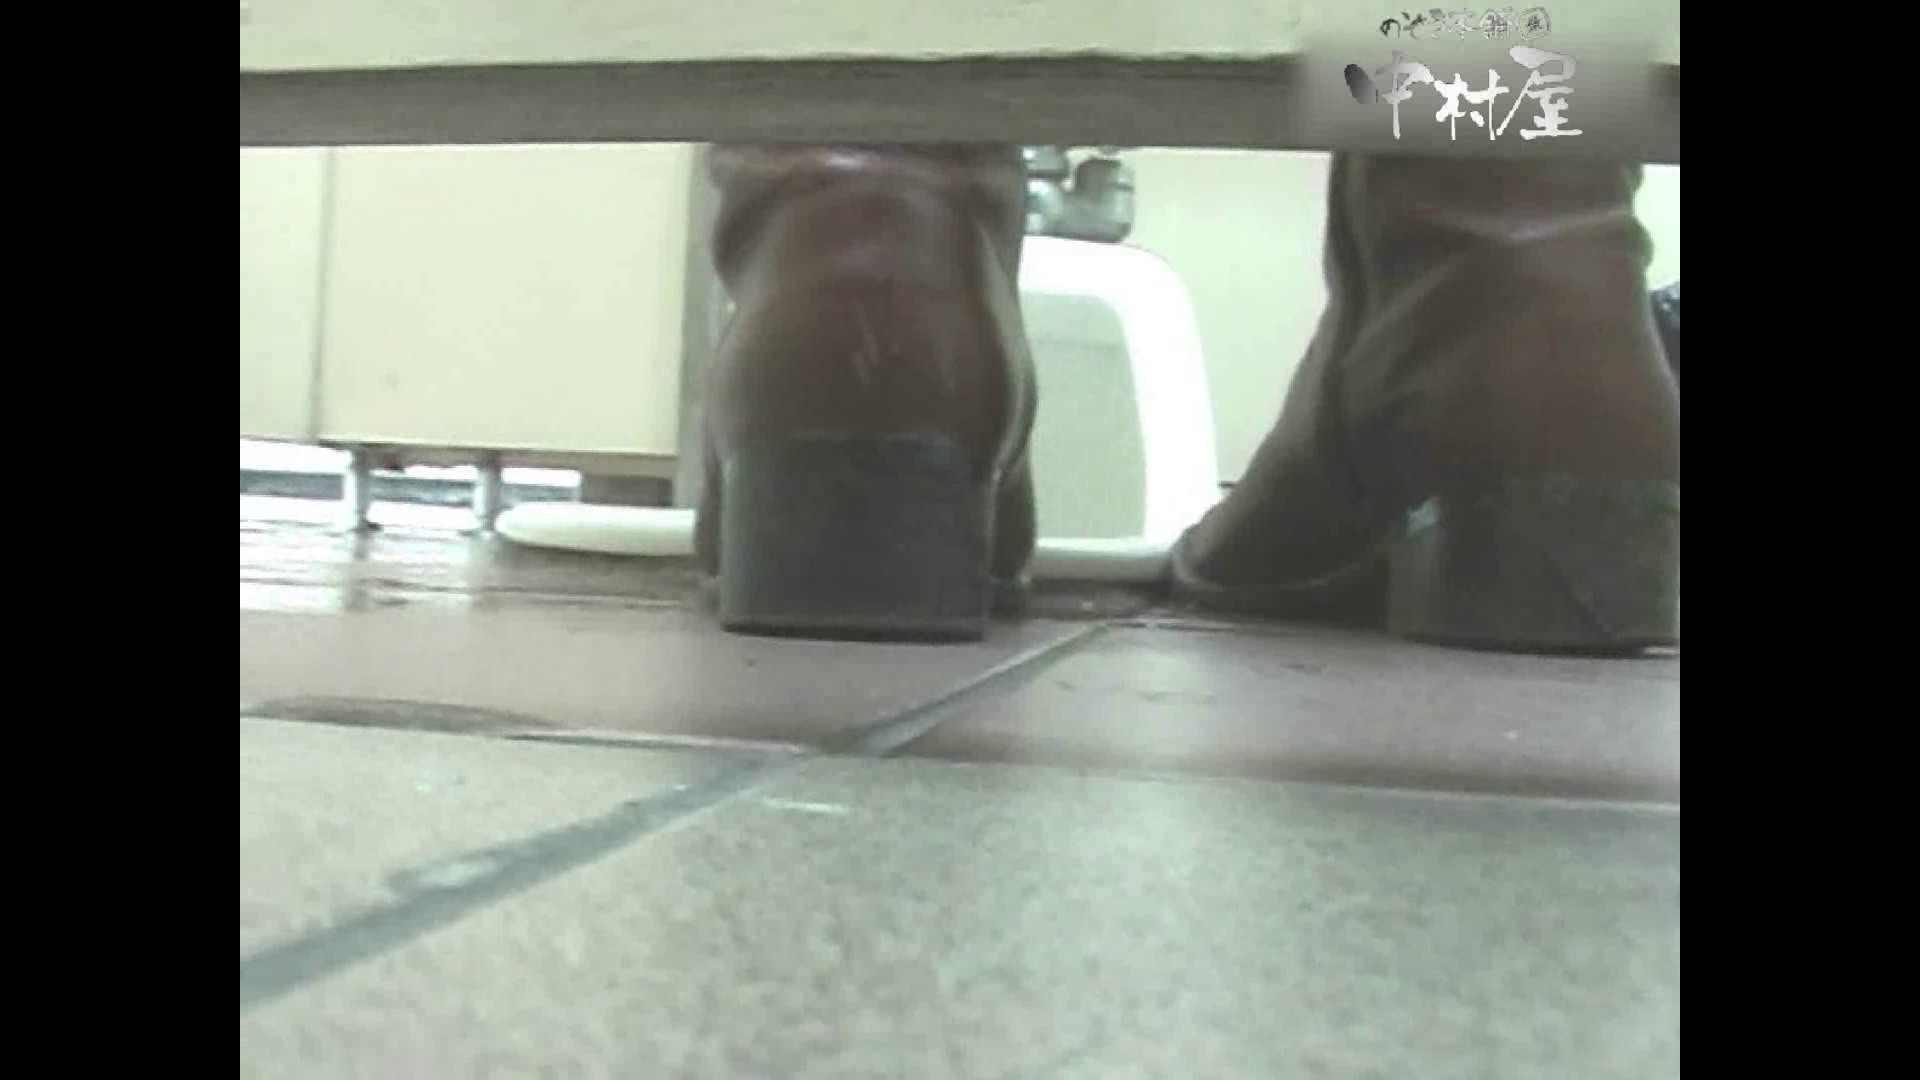 岩手県在住盗撮師盗撮記録vol.43 排泄 オメコ無修正動画無料 106枚 59